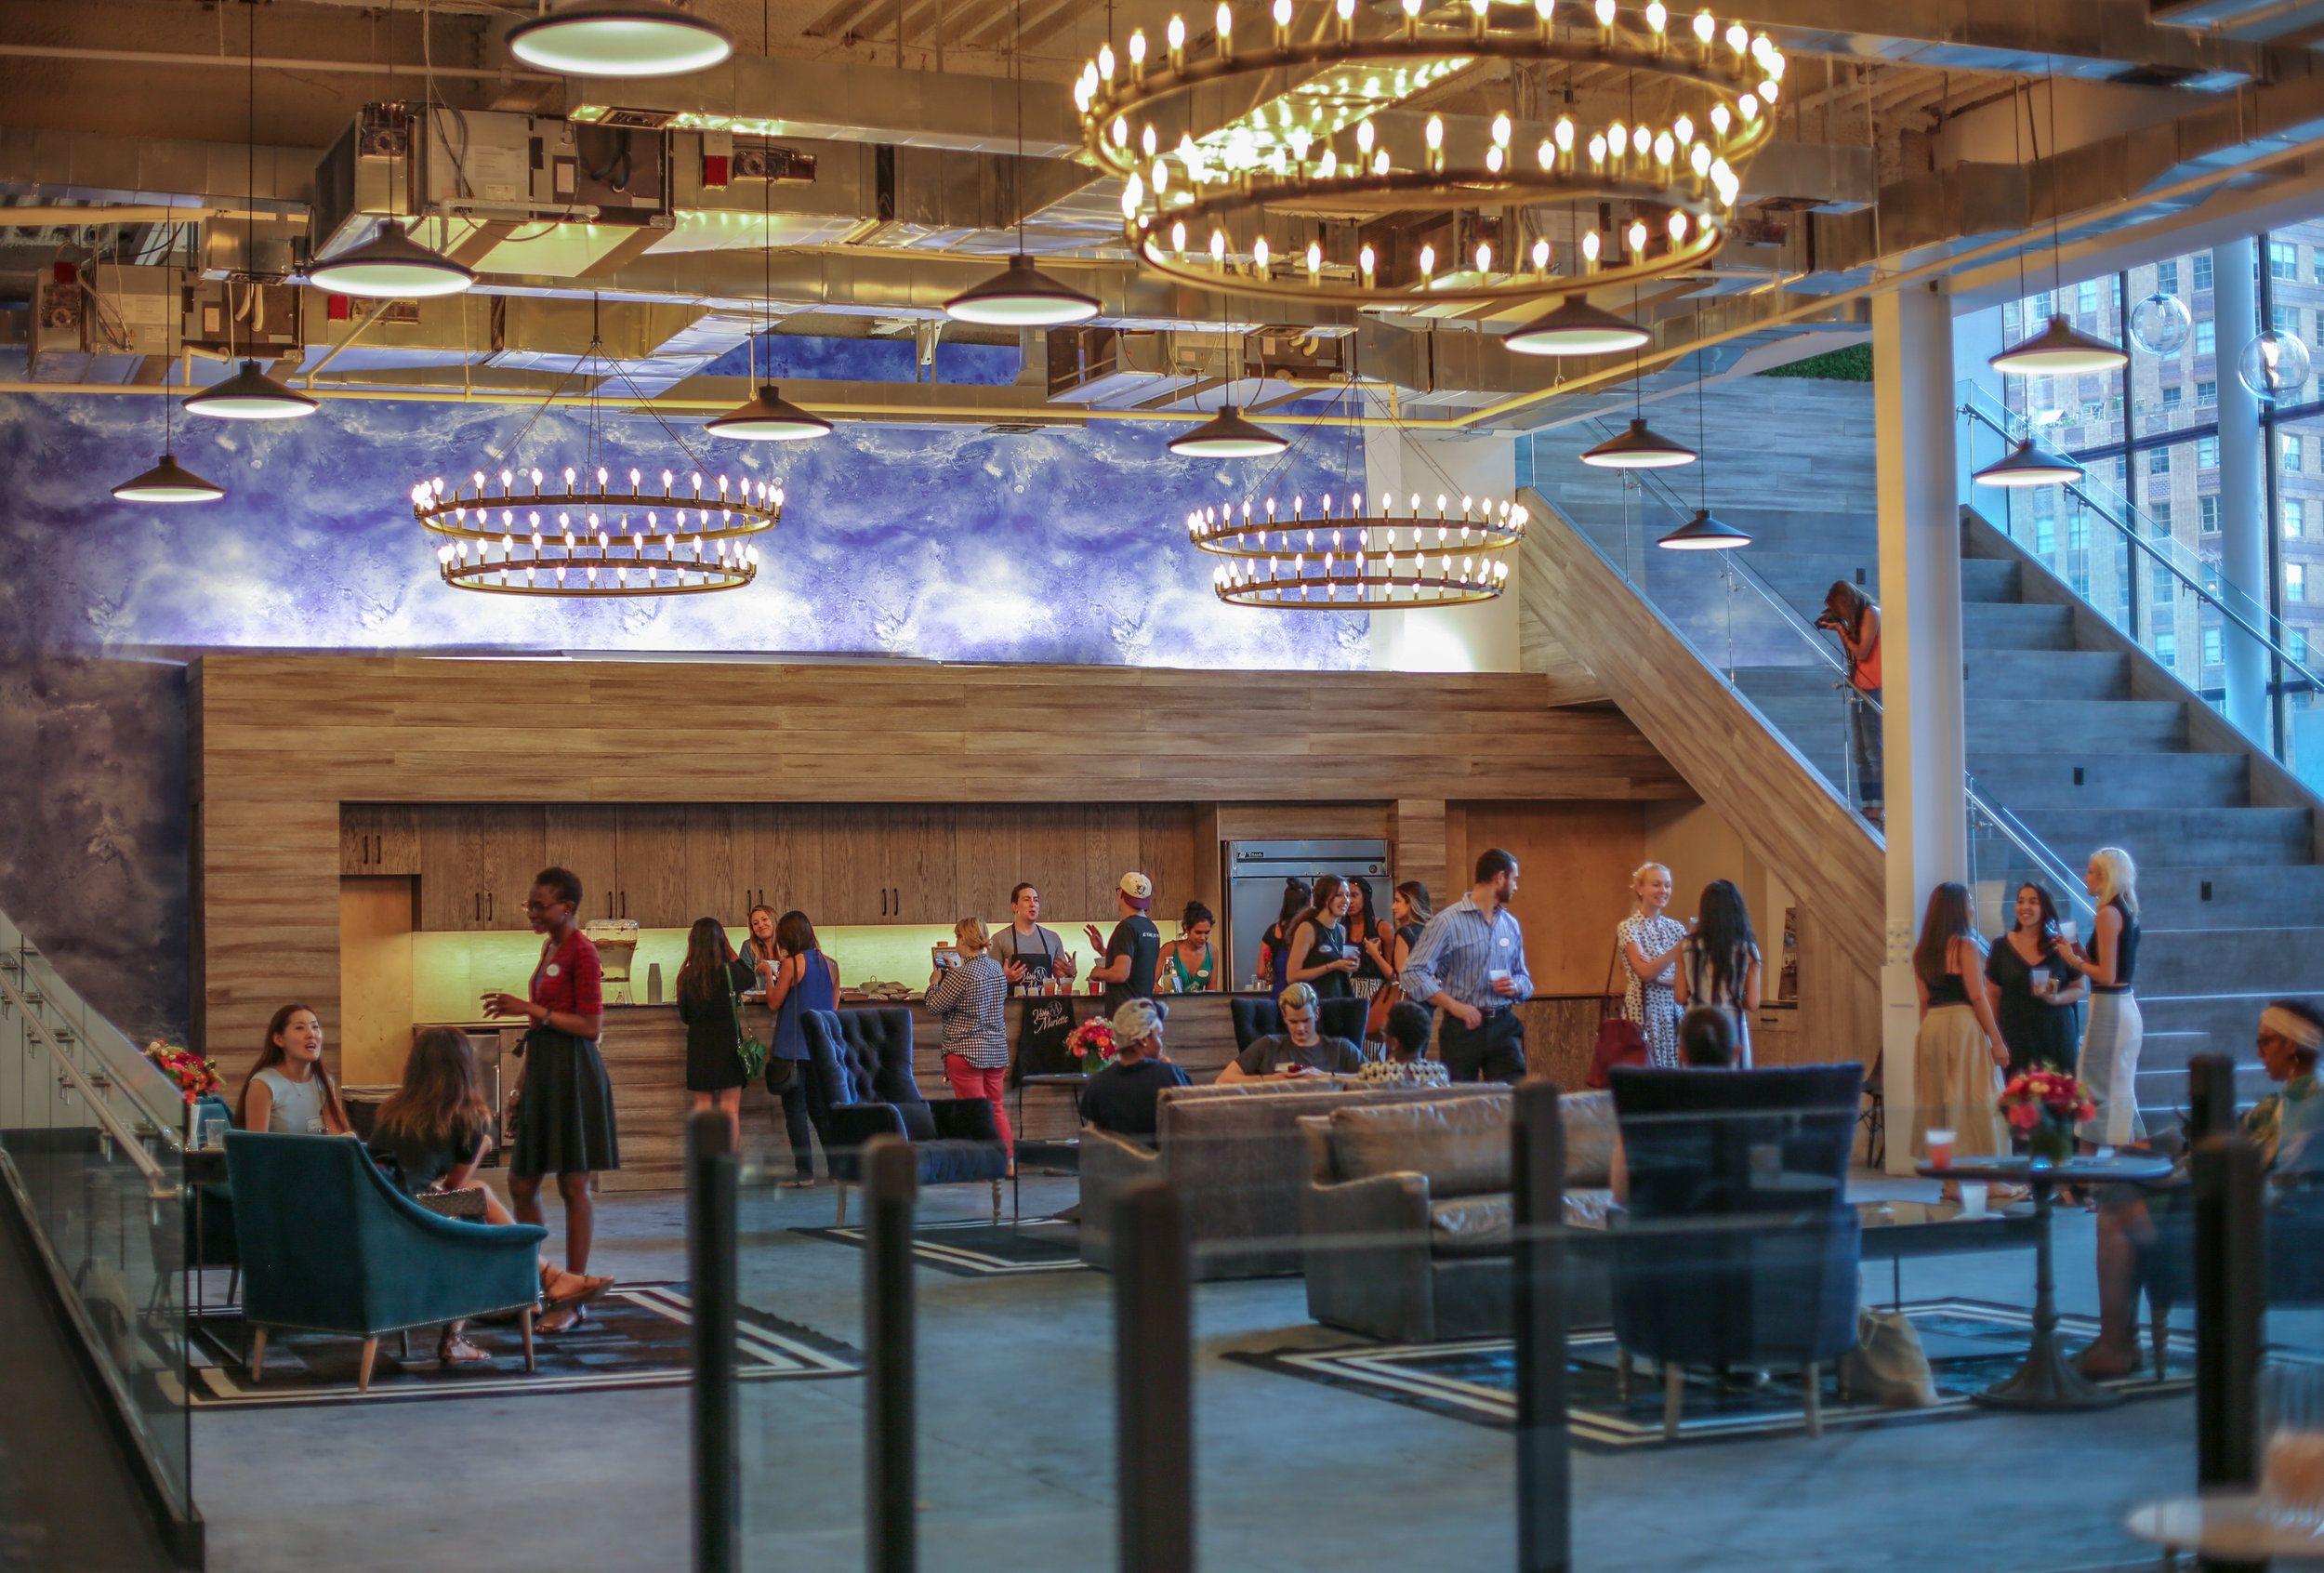 Coworkrs New Event Space The Mezzanine! www.themezznyc